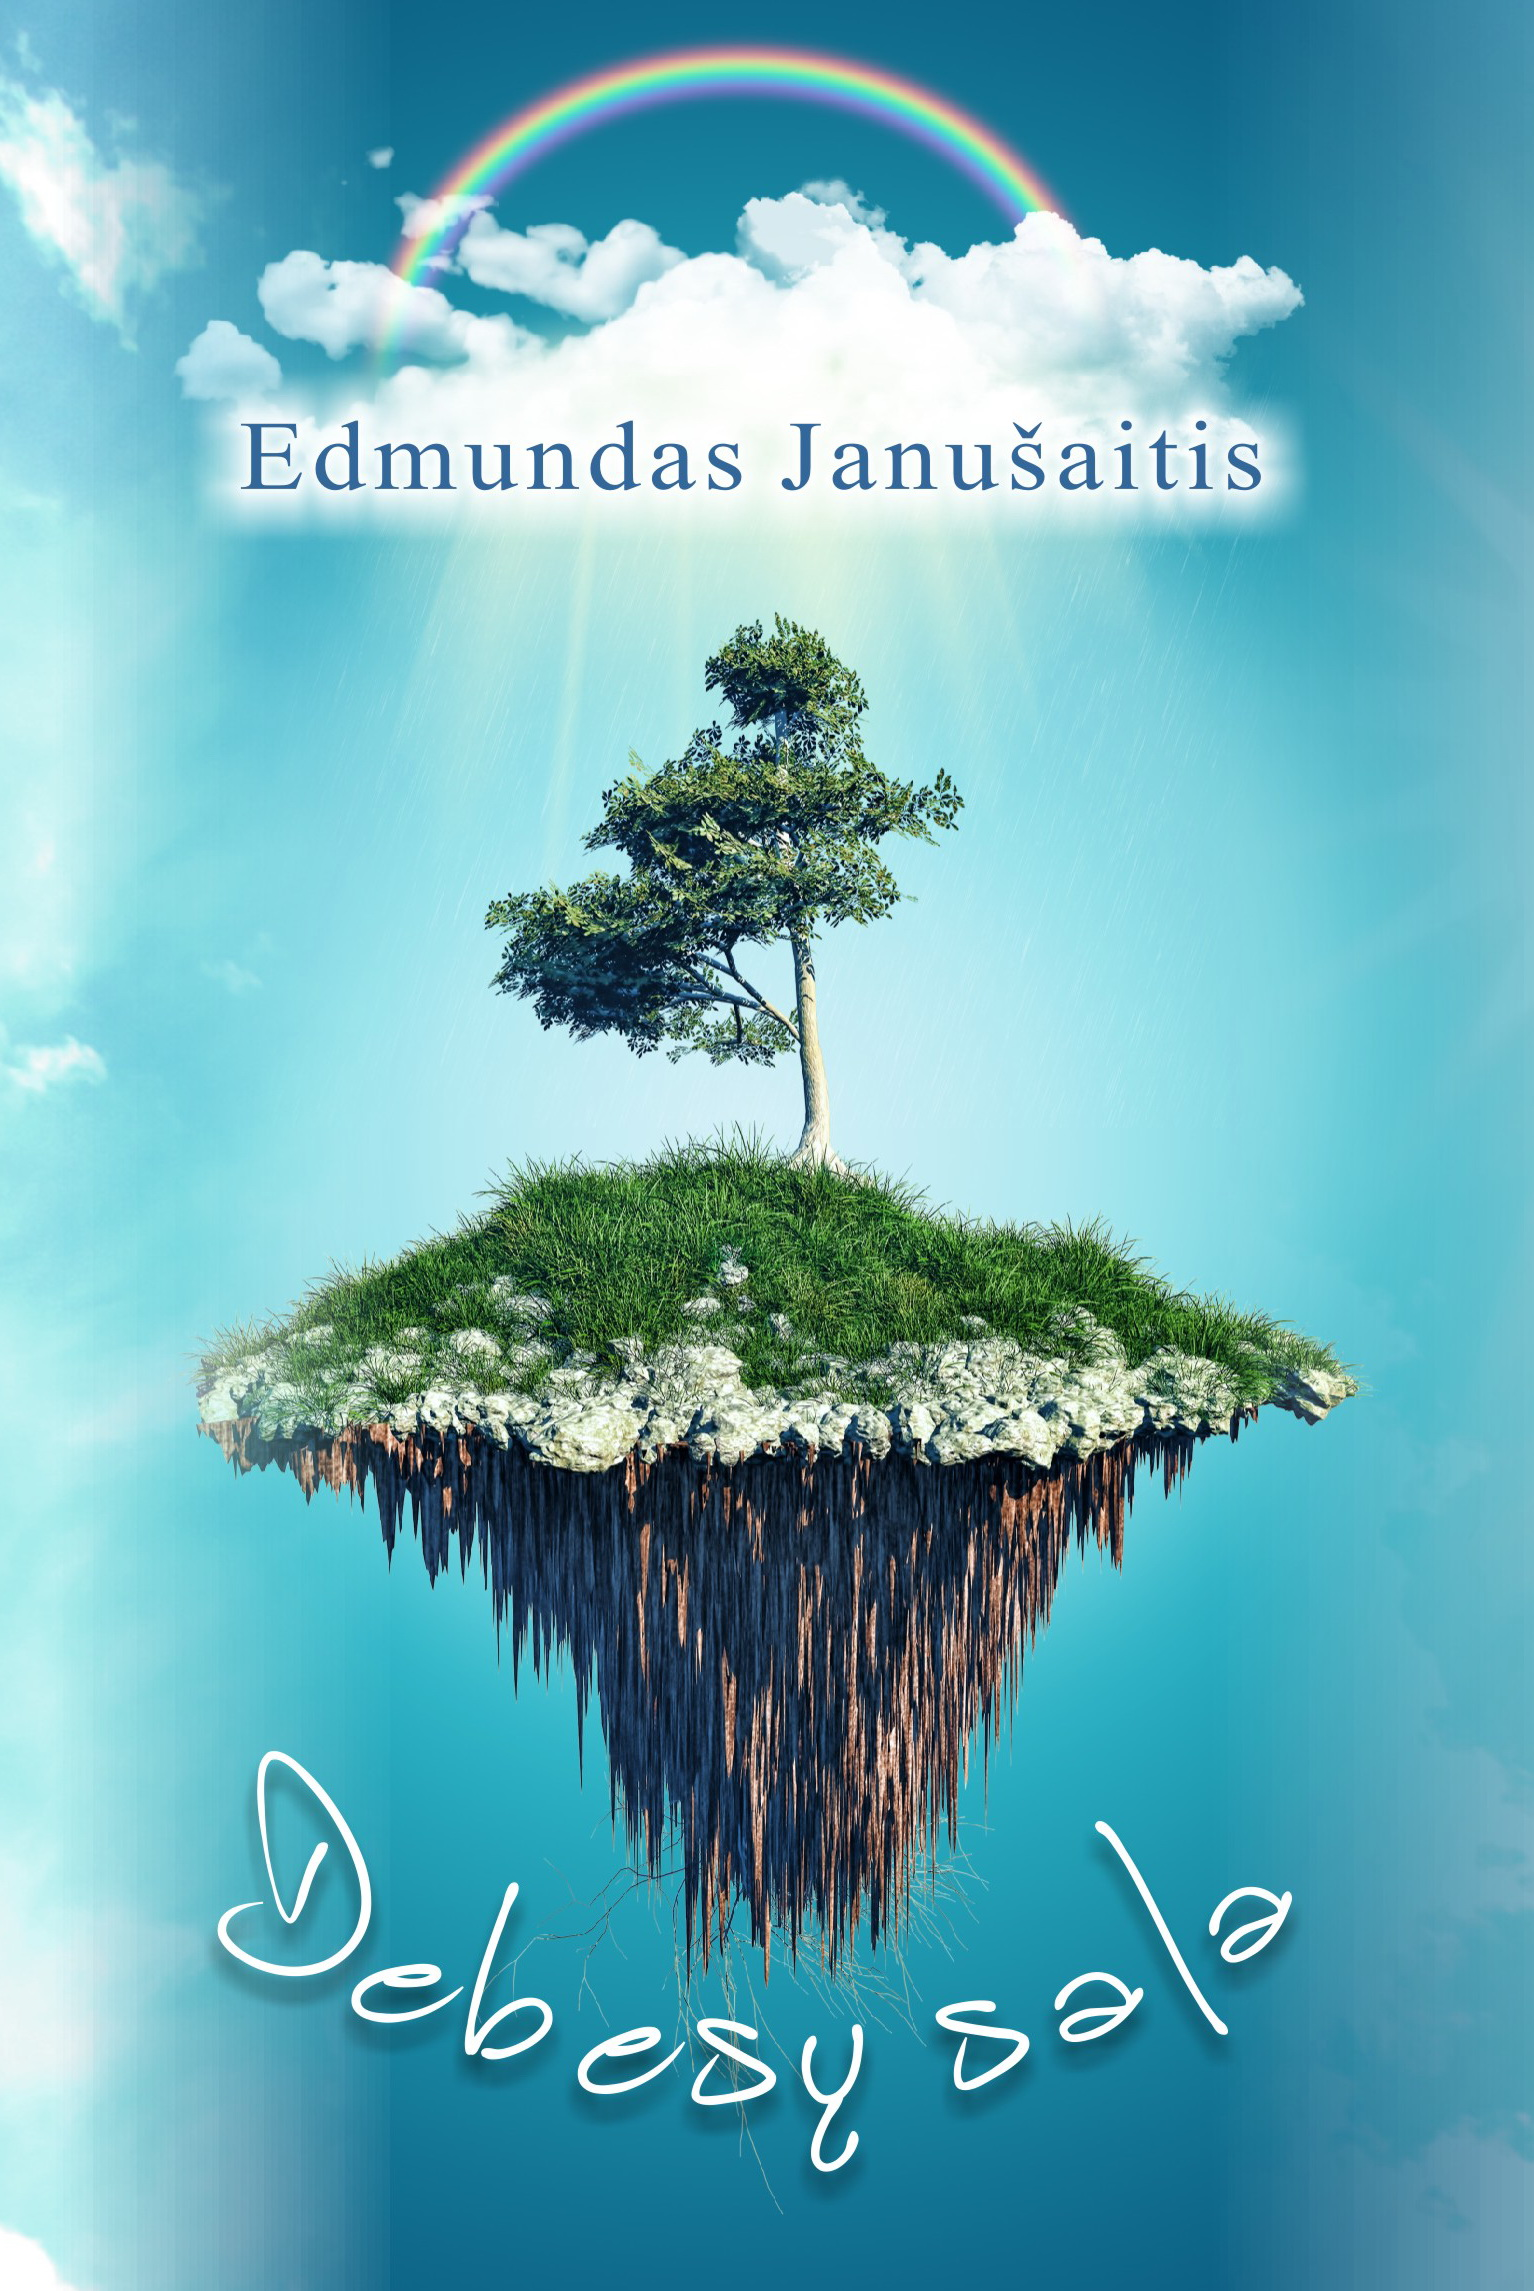 """Edmundas Janušaitis. """"Debesų sala"""" (Kaunas: Naujasis lankas, 2017)"""